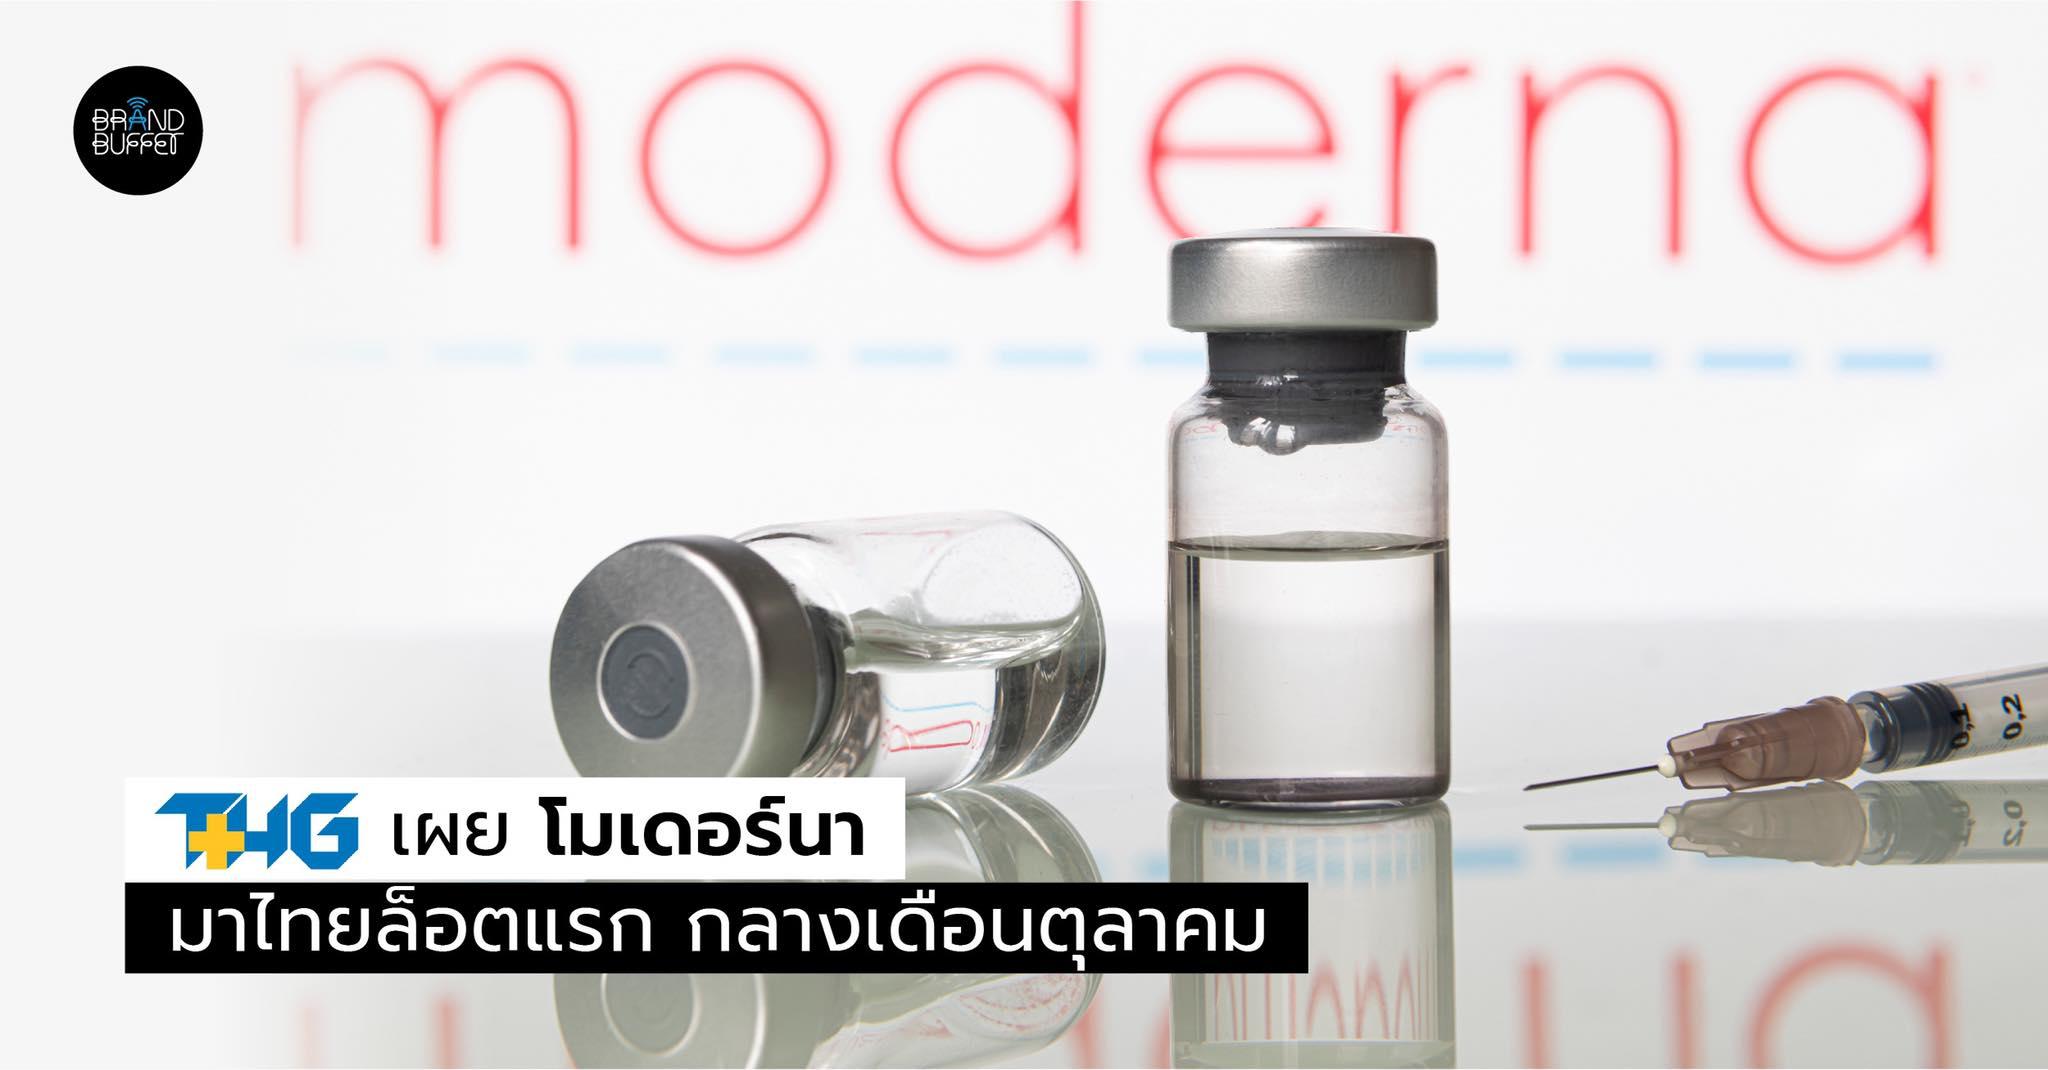 THG moderna cover